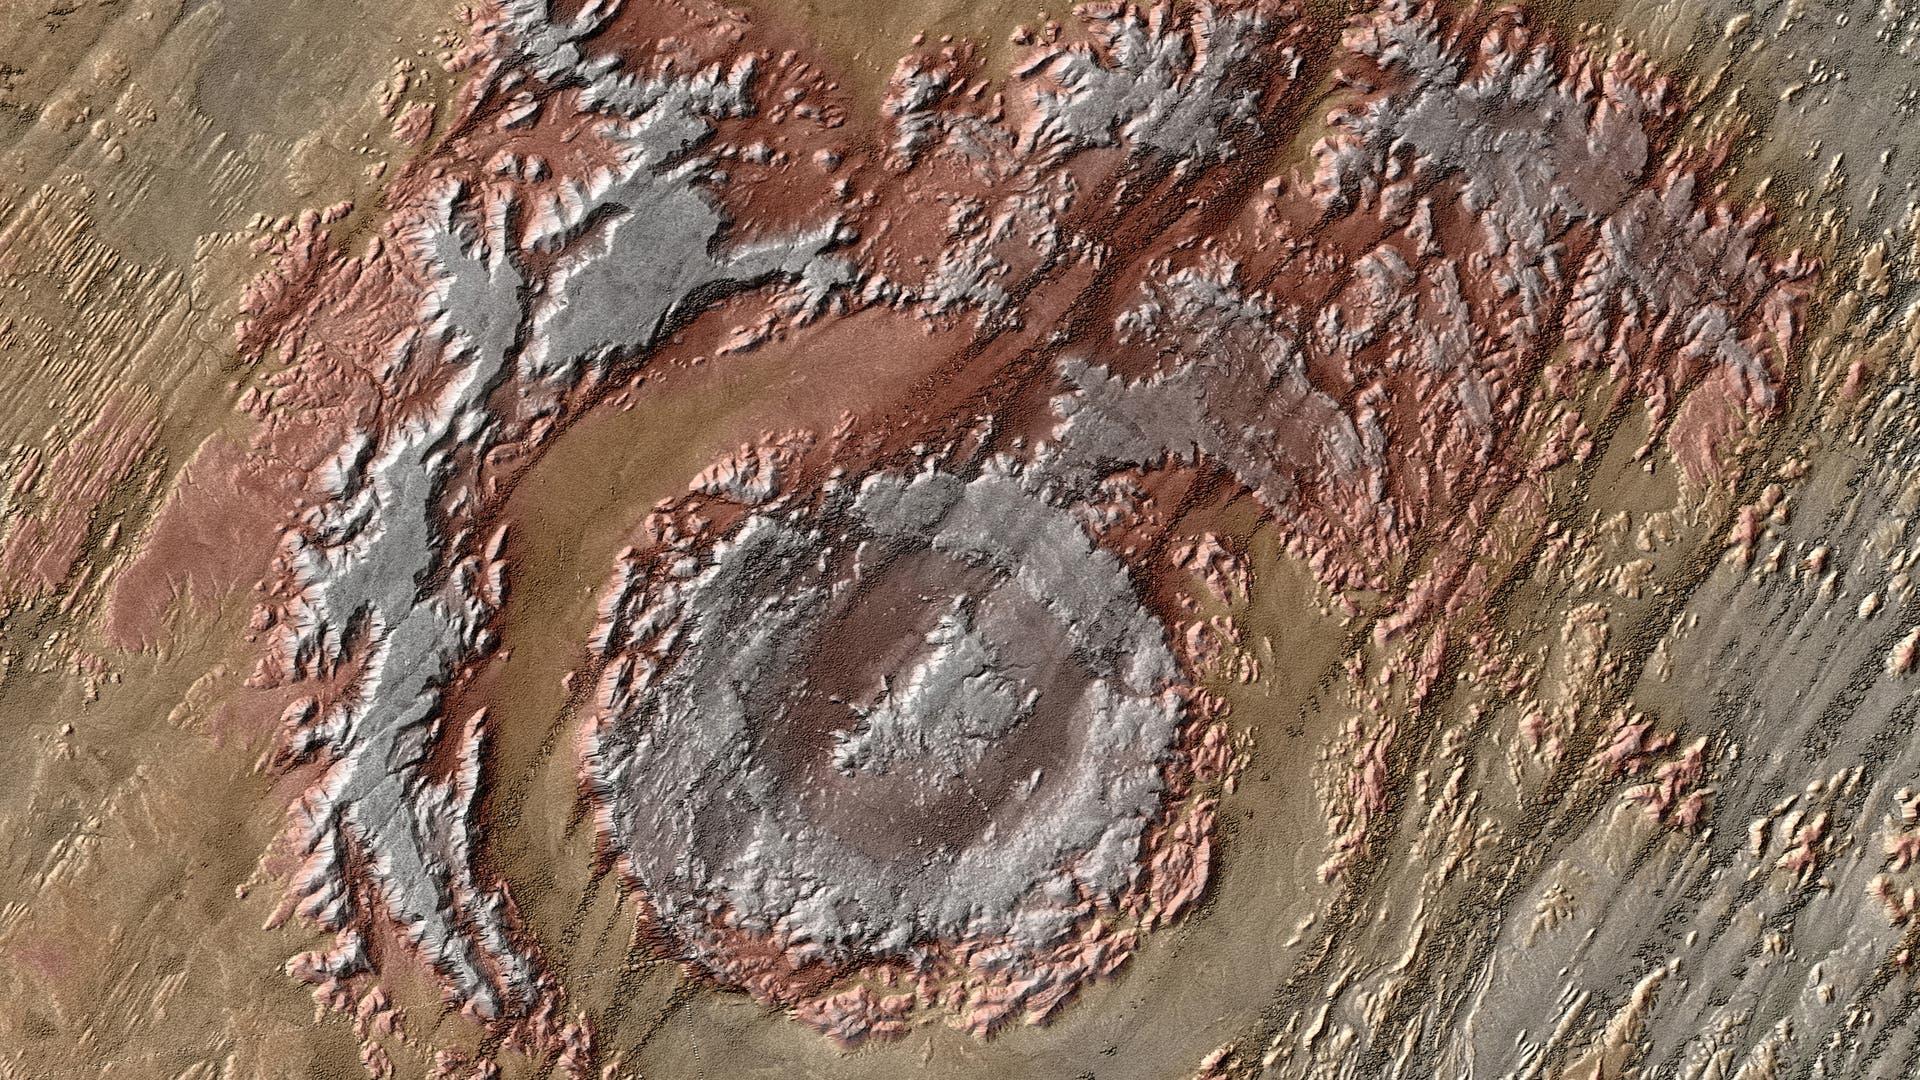 Die Aorounga-Struktur im nordafrikanischen Tschad entspricht auf den ersten Blick nur teilweise dem typischen Bild eines Einschlagkraters, denn die Spuren des kosmischen Treffers verwitterten im Laufe der Zeit beträchtlich.